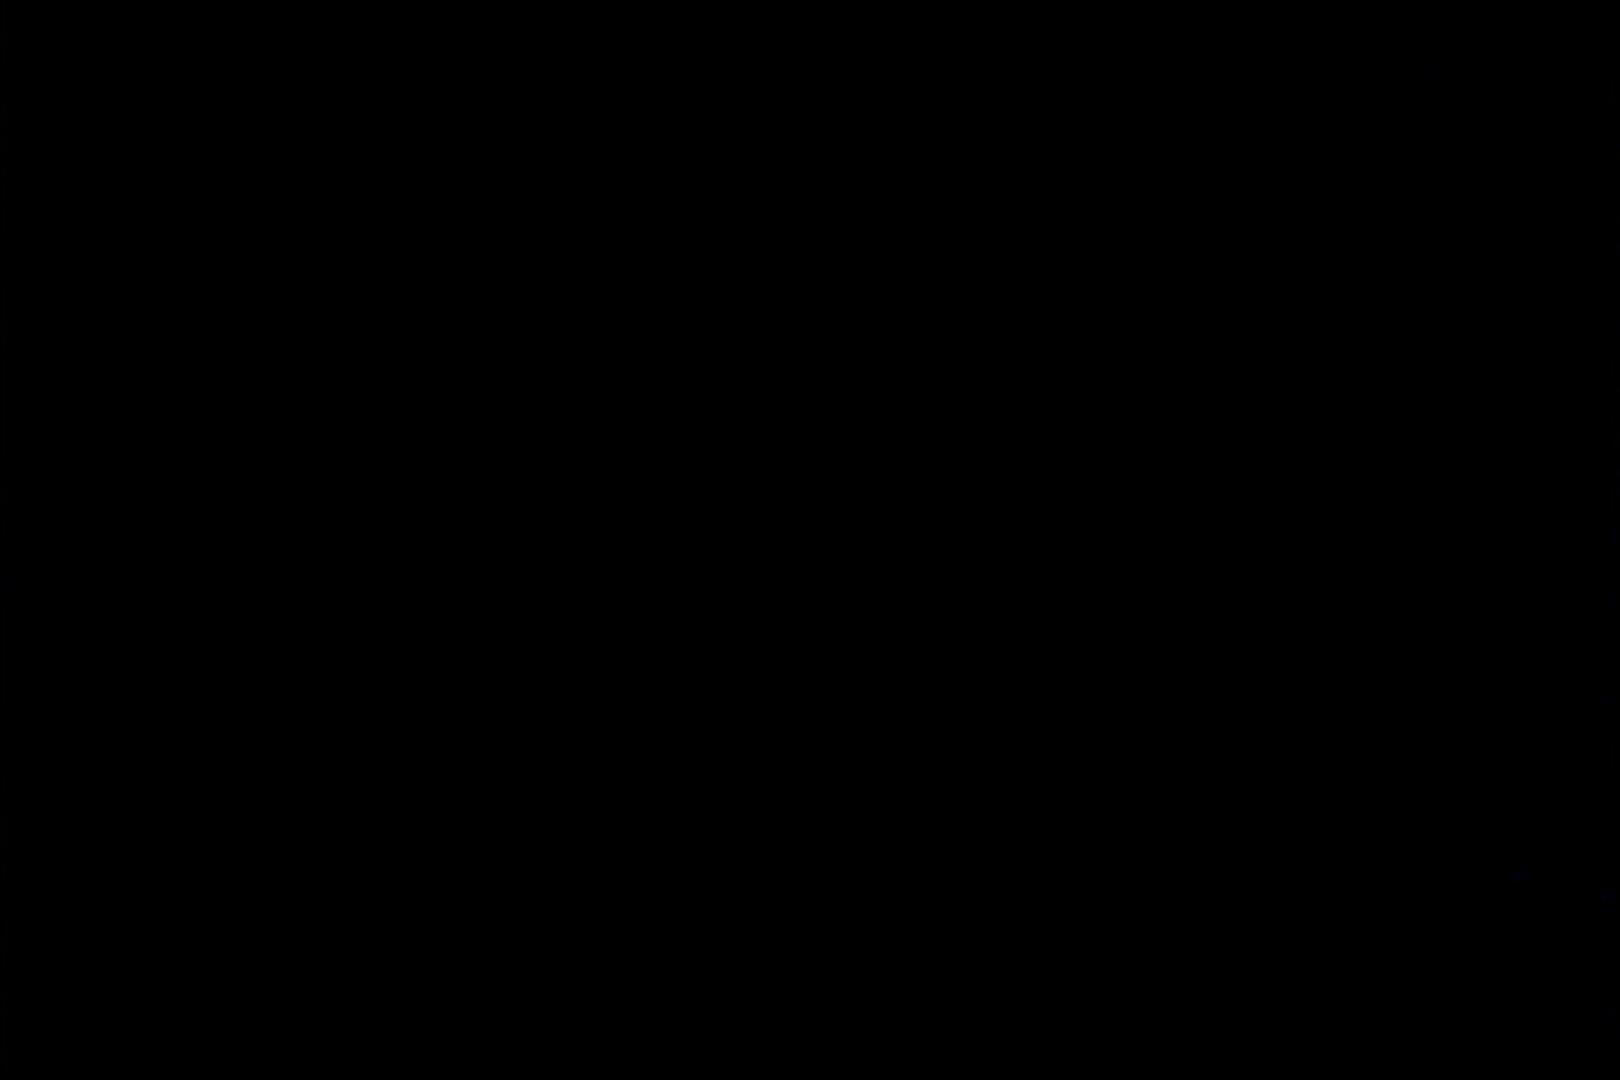 亀さんかわや VIPバージョン! vol.40 潜入 性交動画流出 104PIX 27